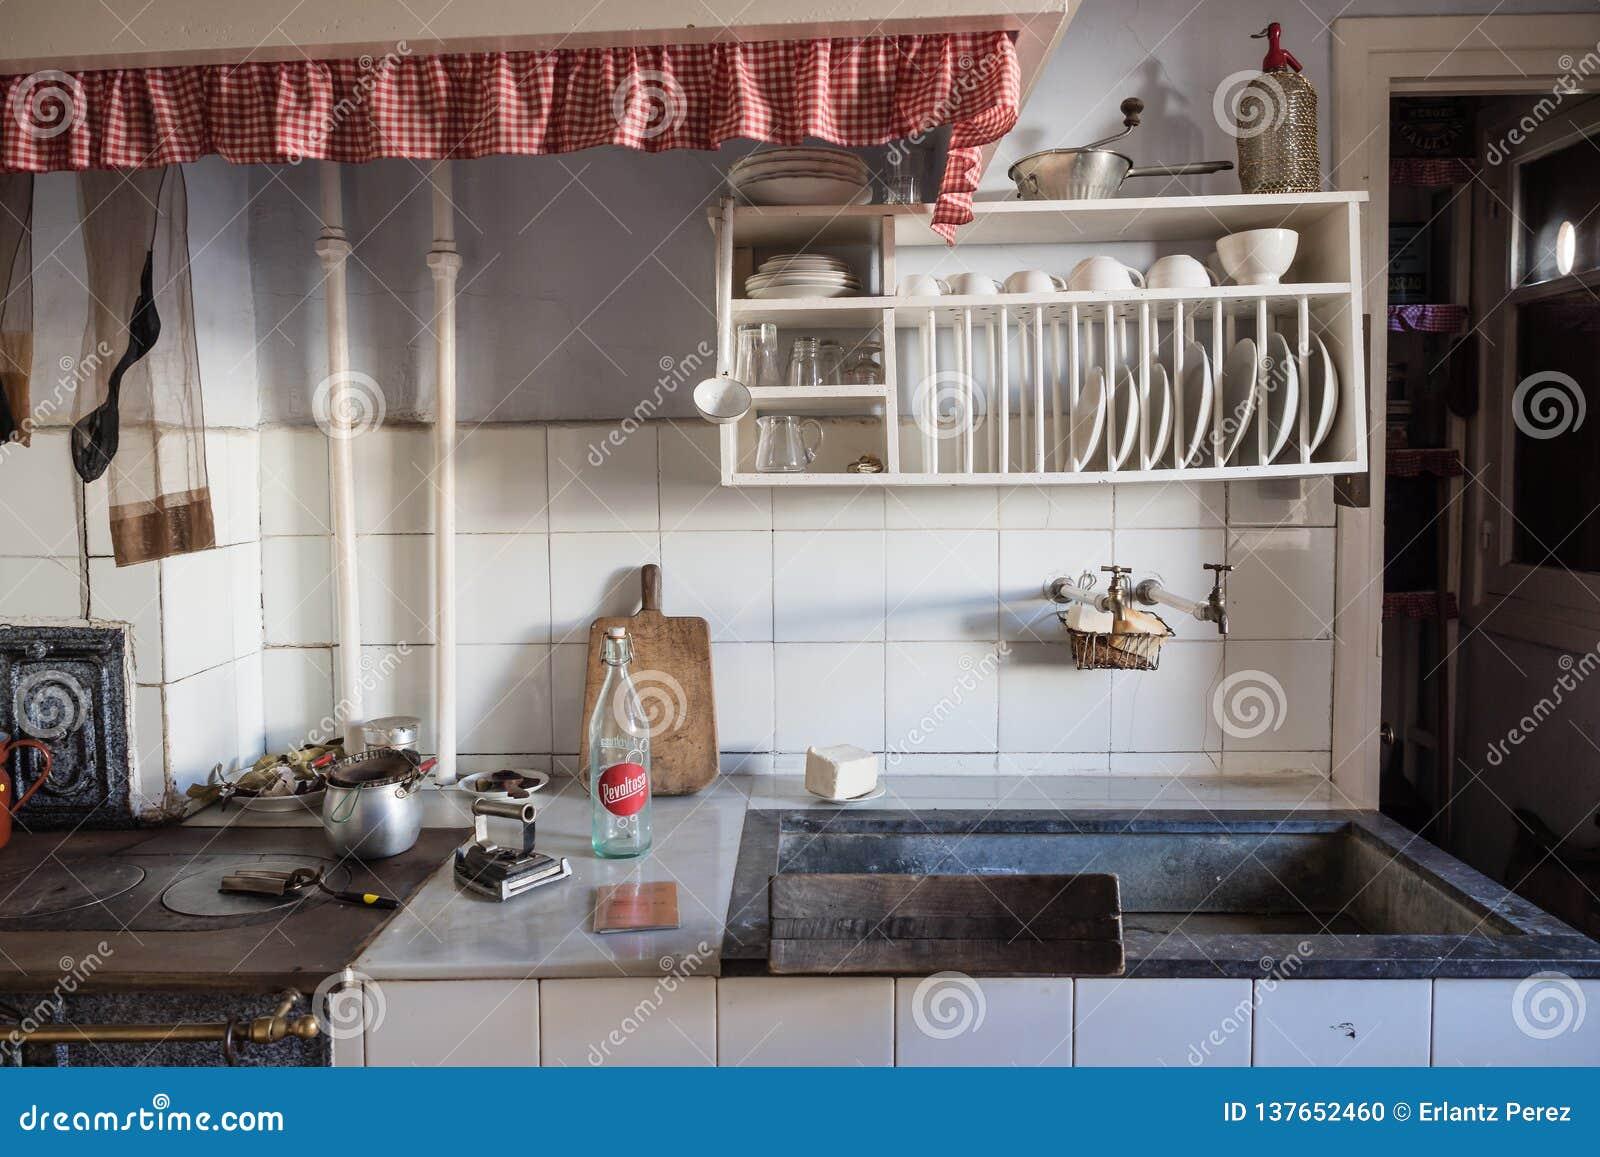 Cocina vieja en una vecindad de la clase obrera de Legazpi en el valle del hierro, Gipuzkoa, España